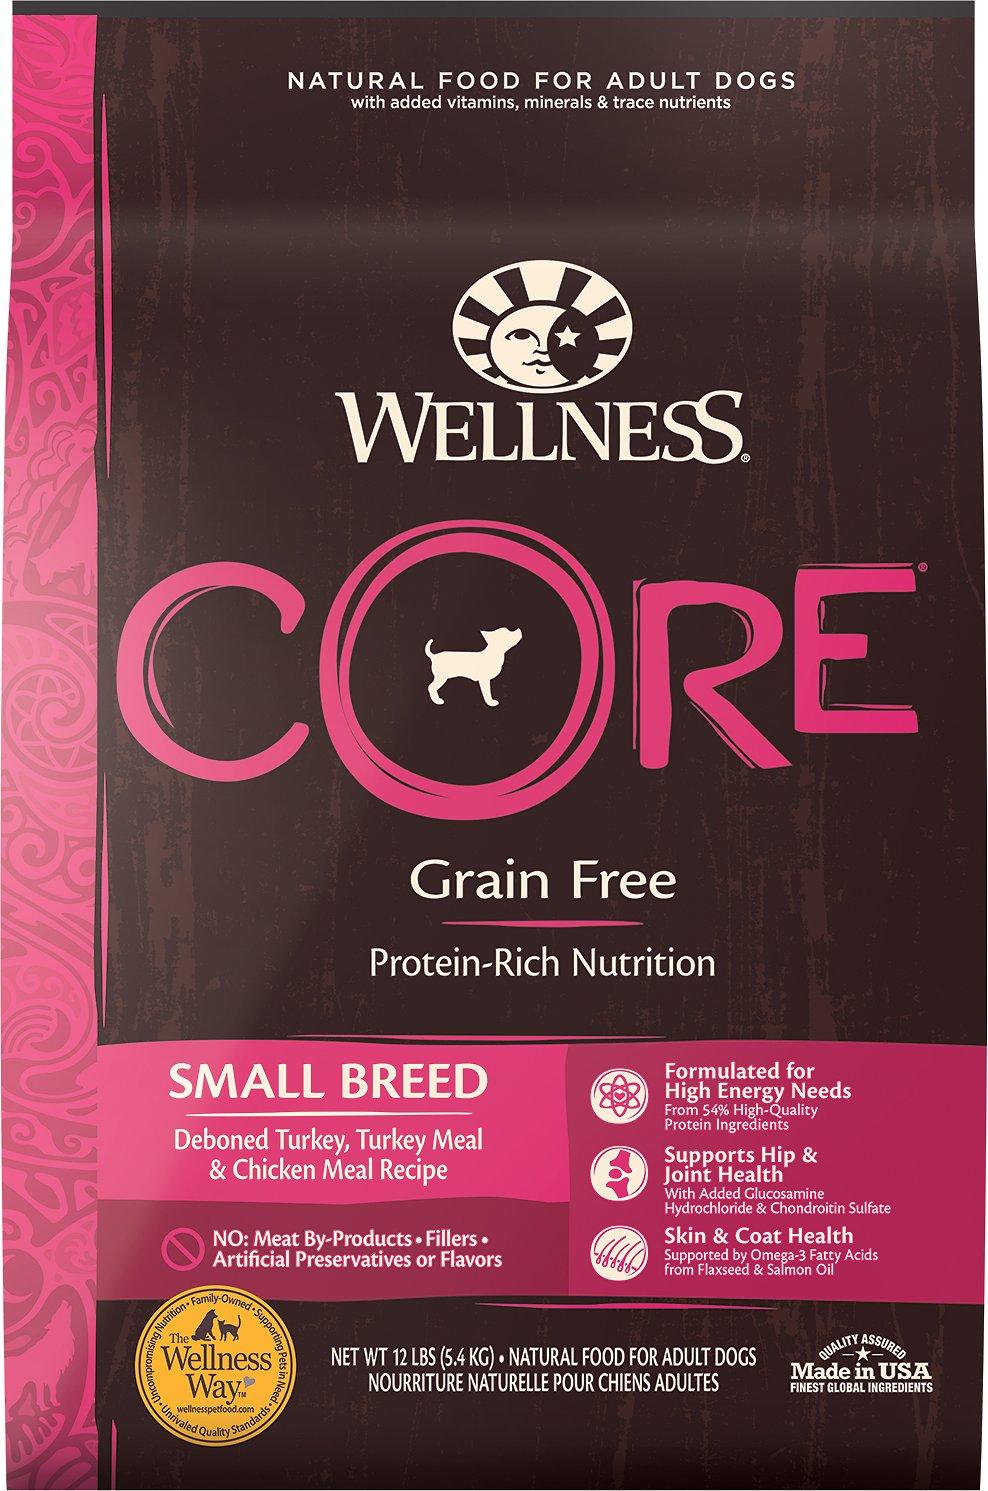 WellnessCore